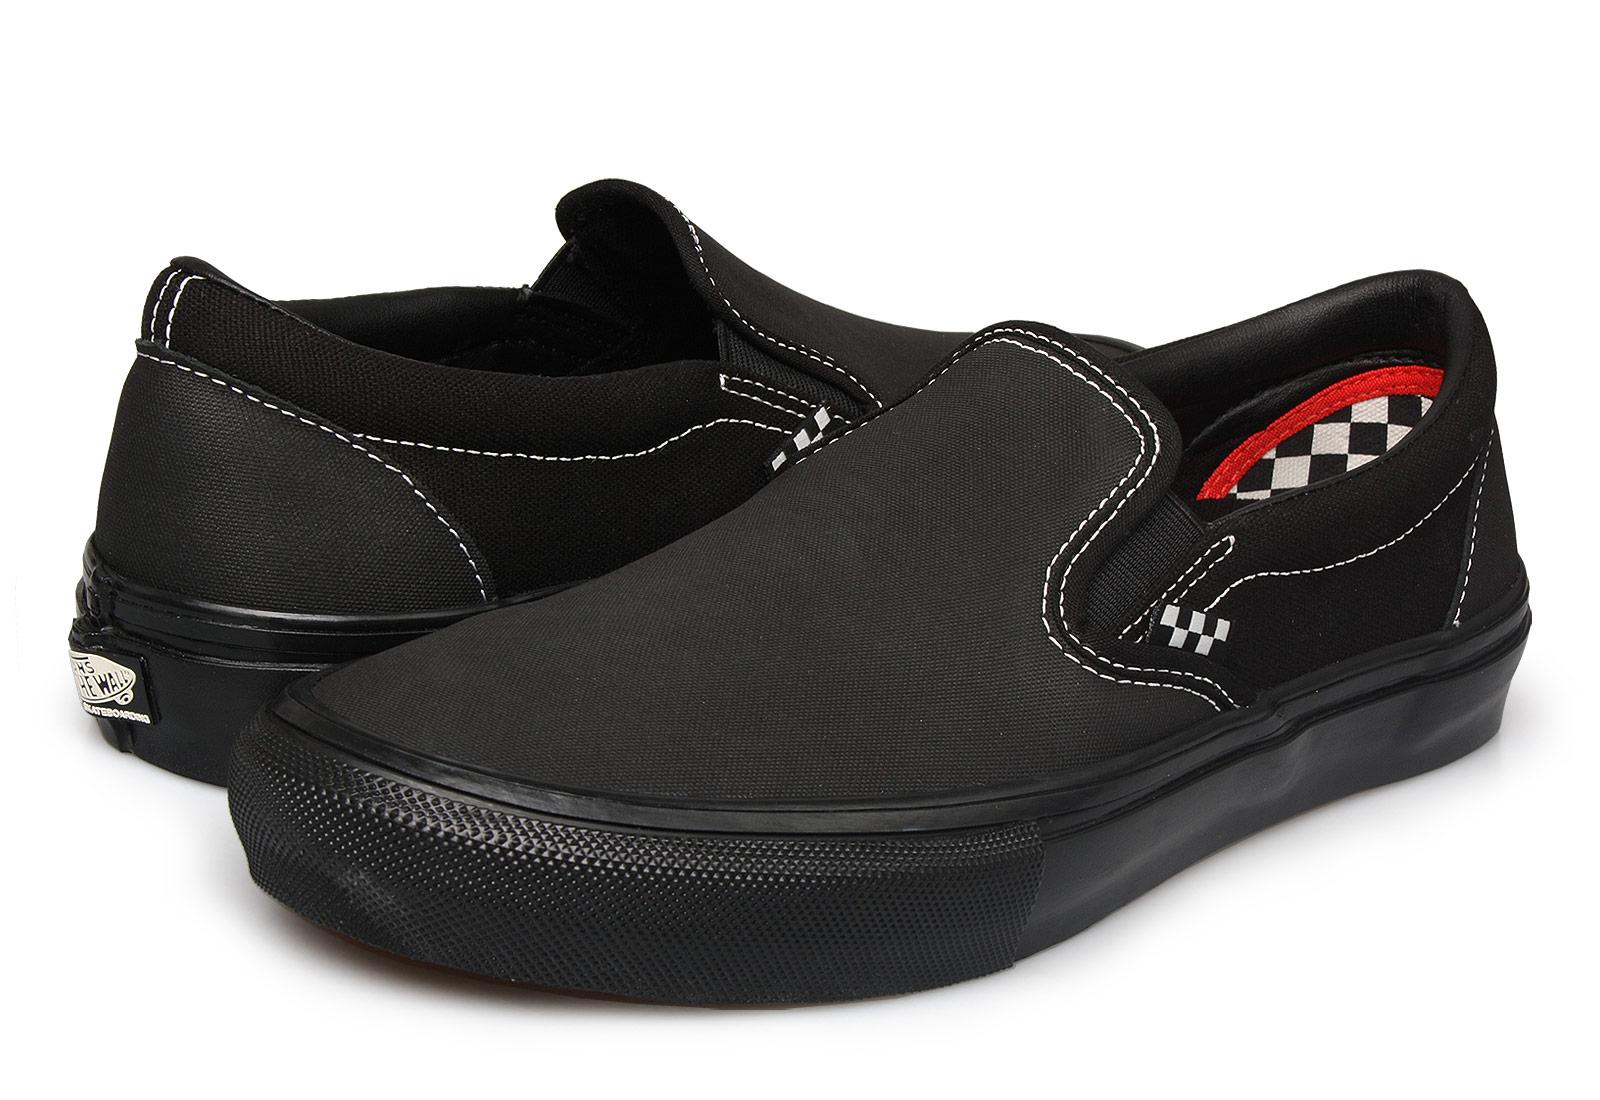 Vans Cipele Mn Skate Slip-On